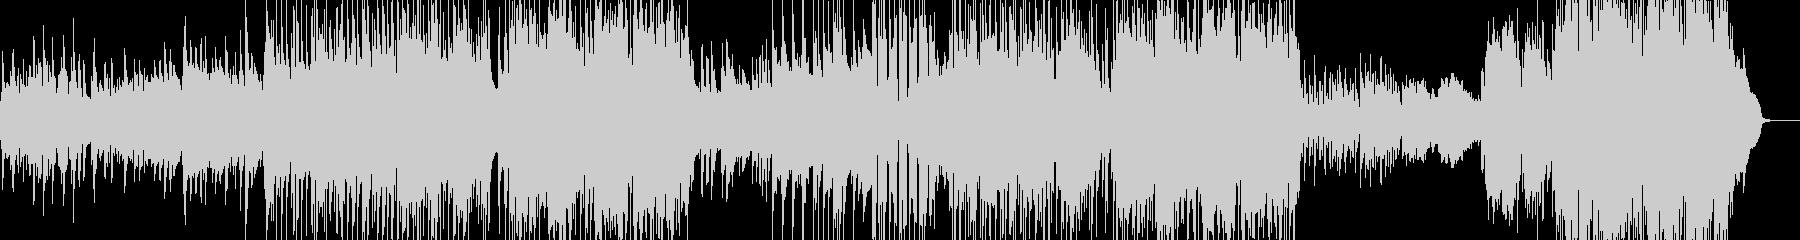 サックス・J-Pop風バラード 長尺+の未再生の波形